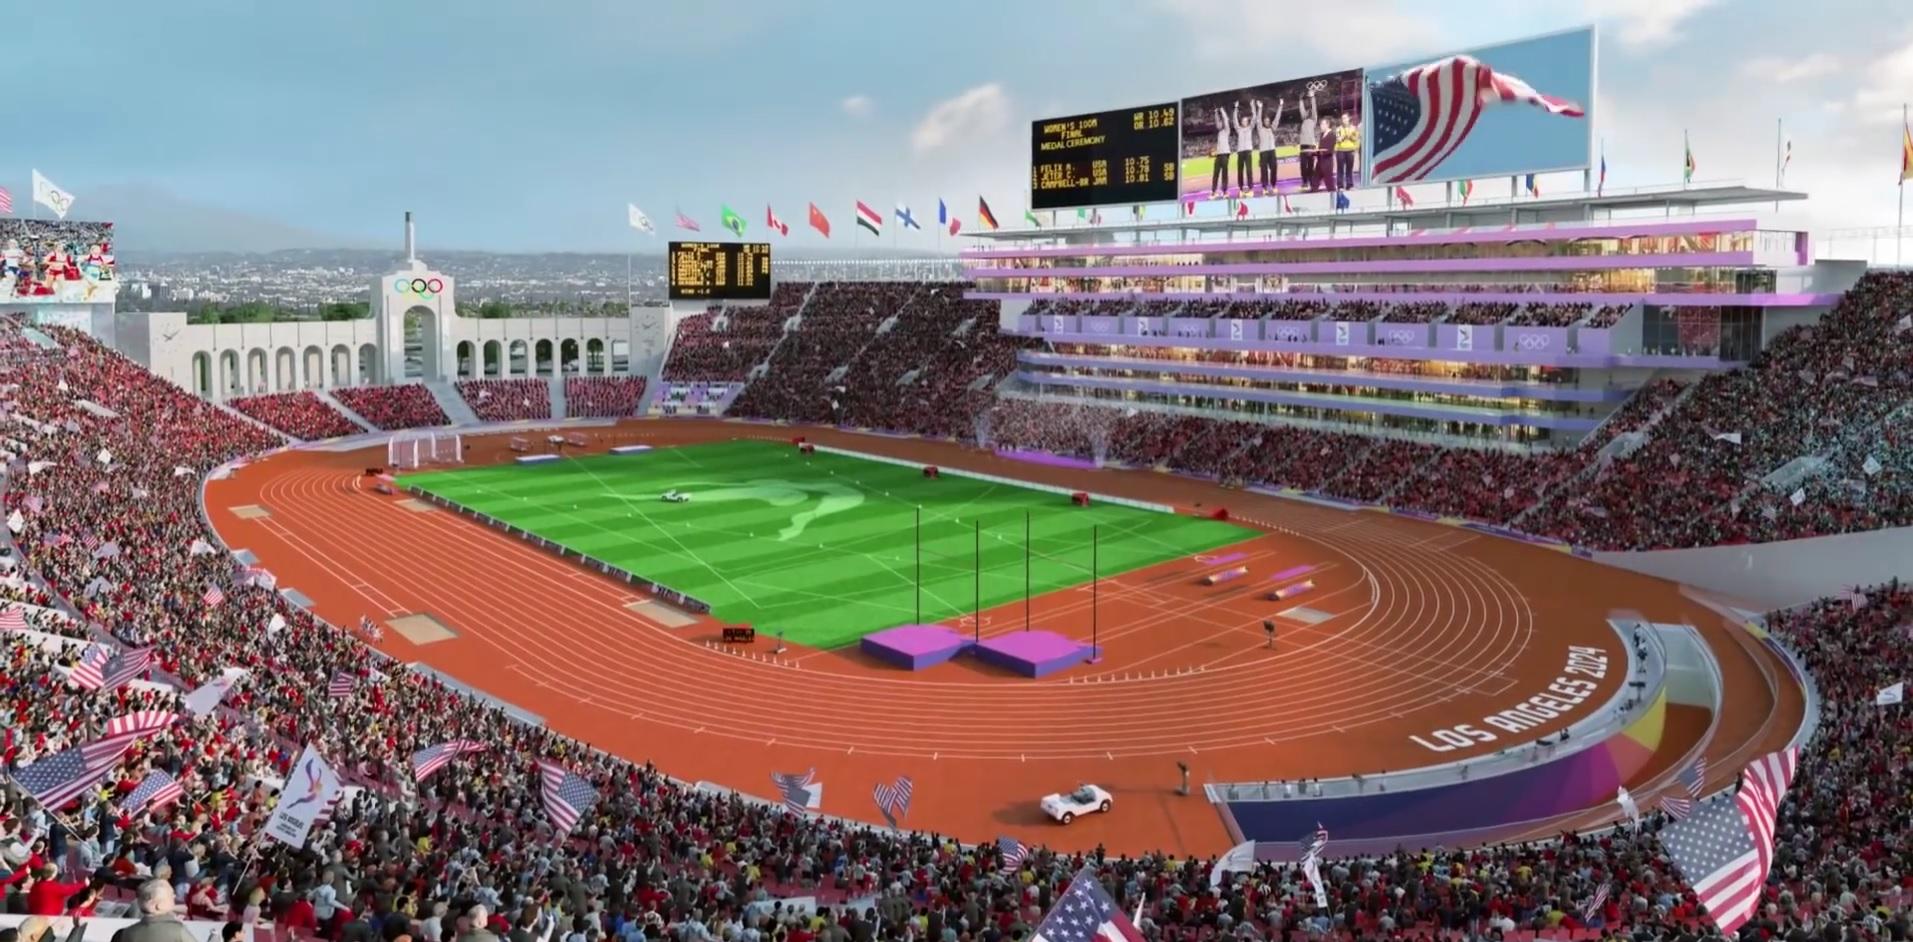 LA 2024 (Los Angeles 2024): Venue Plan video released for